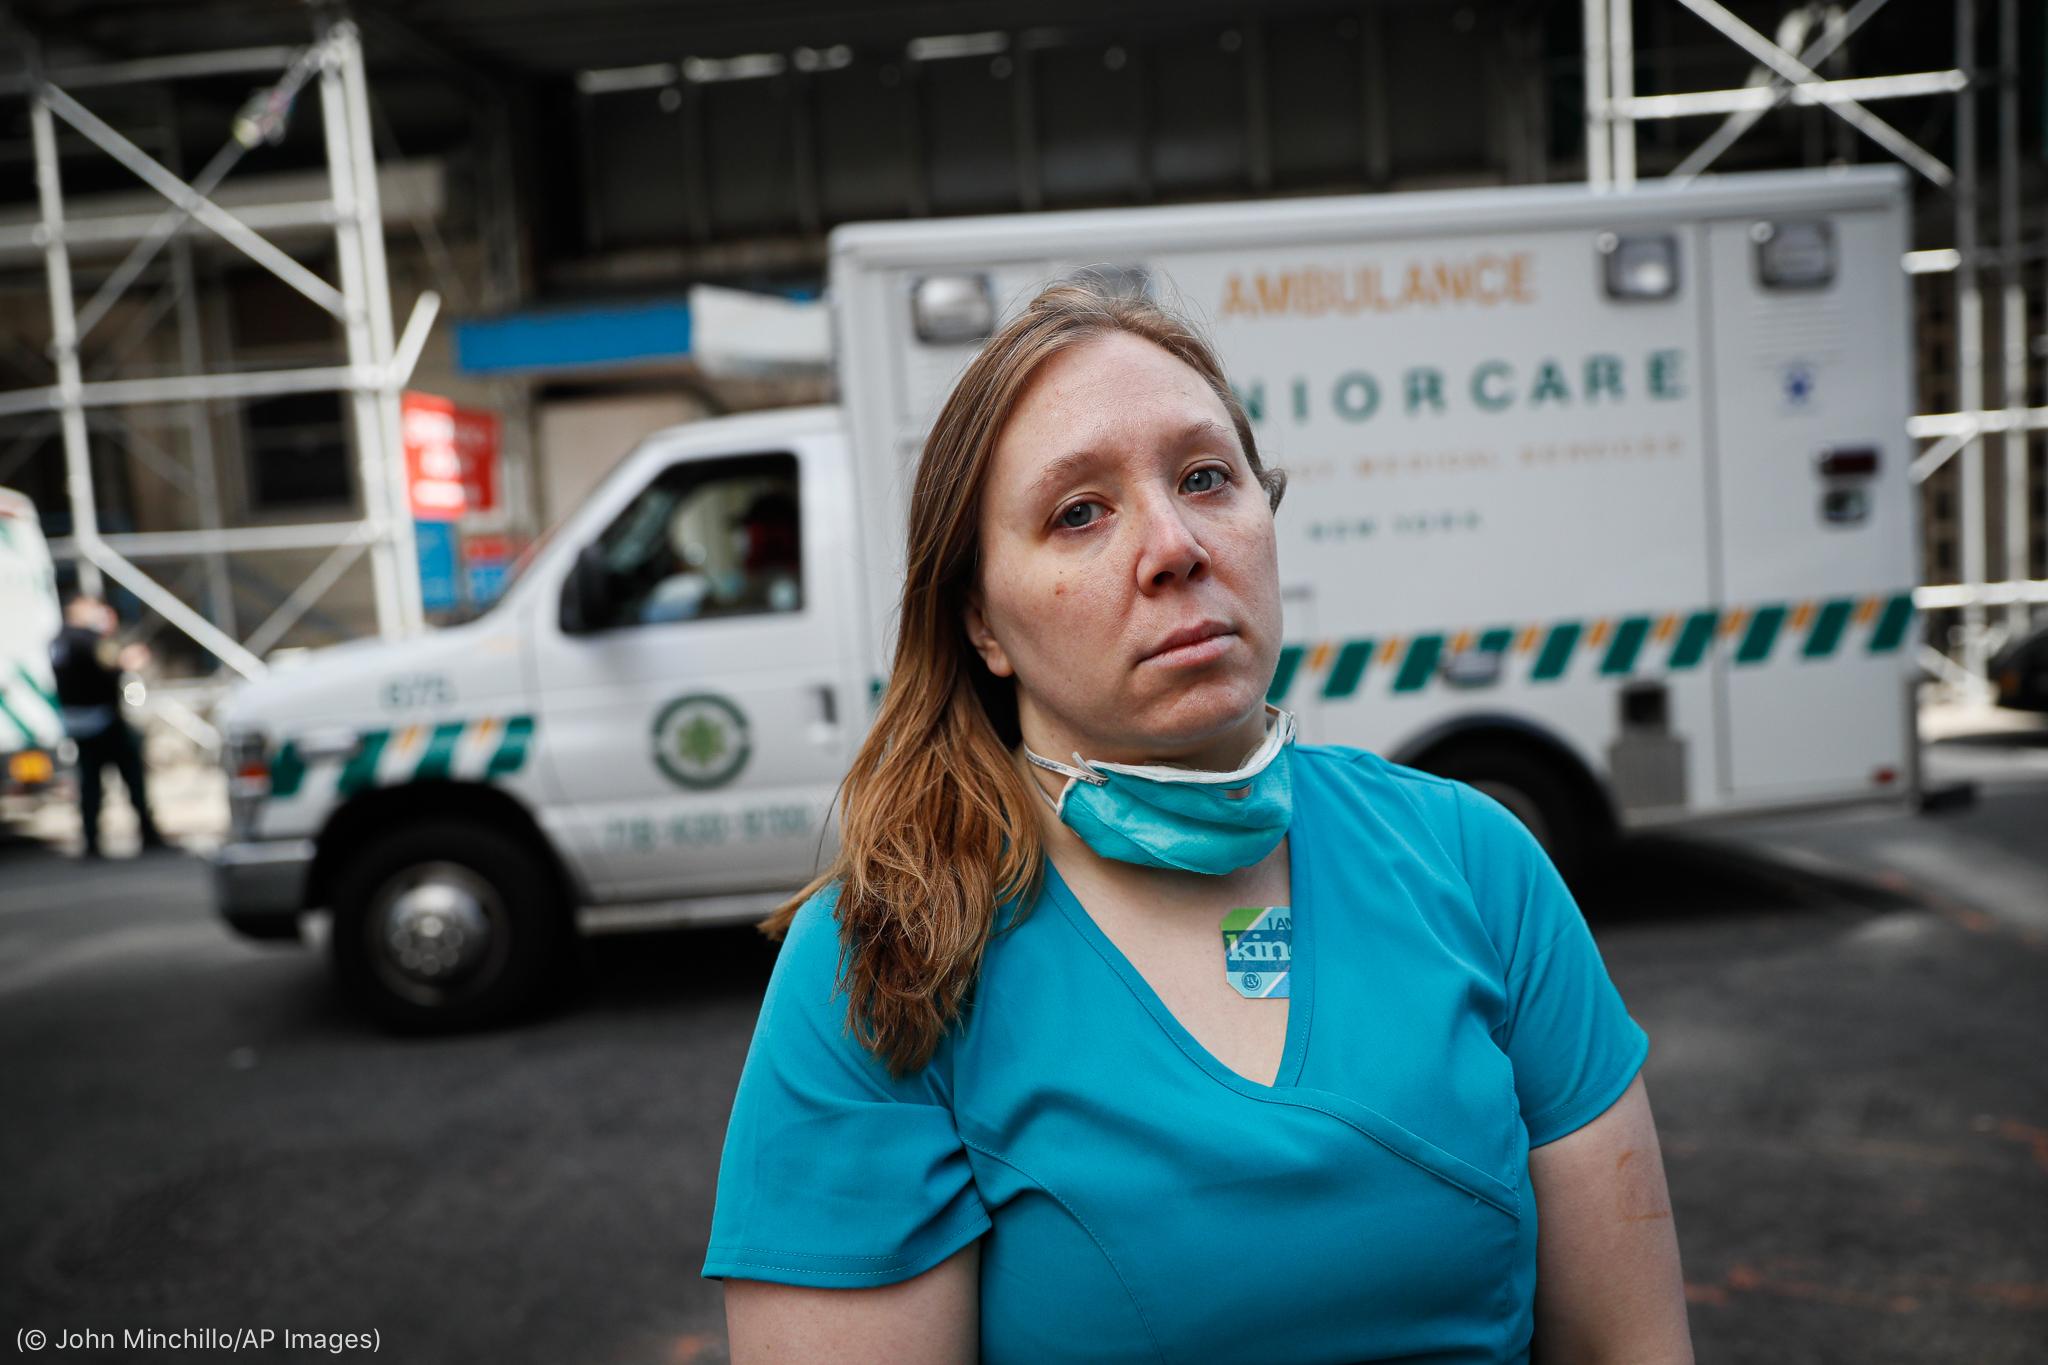 Perawat berdiri di depan mobil ambulans (© John Minchillo/AP Images)